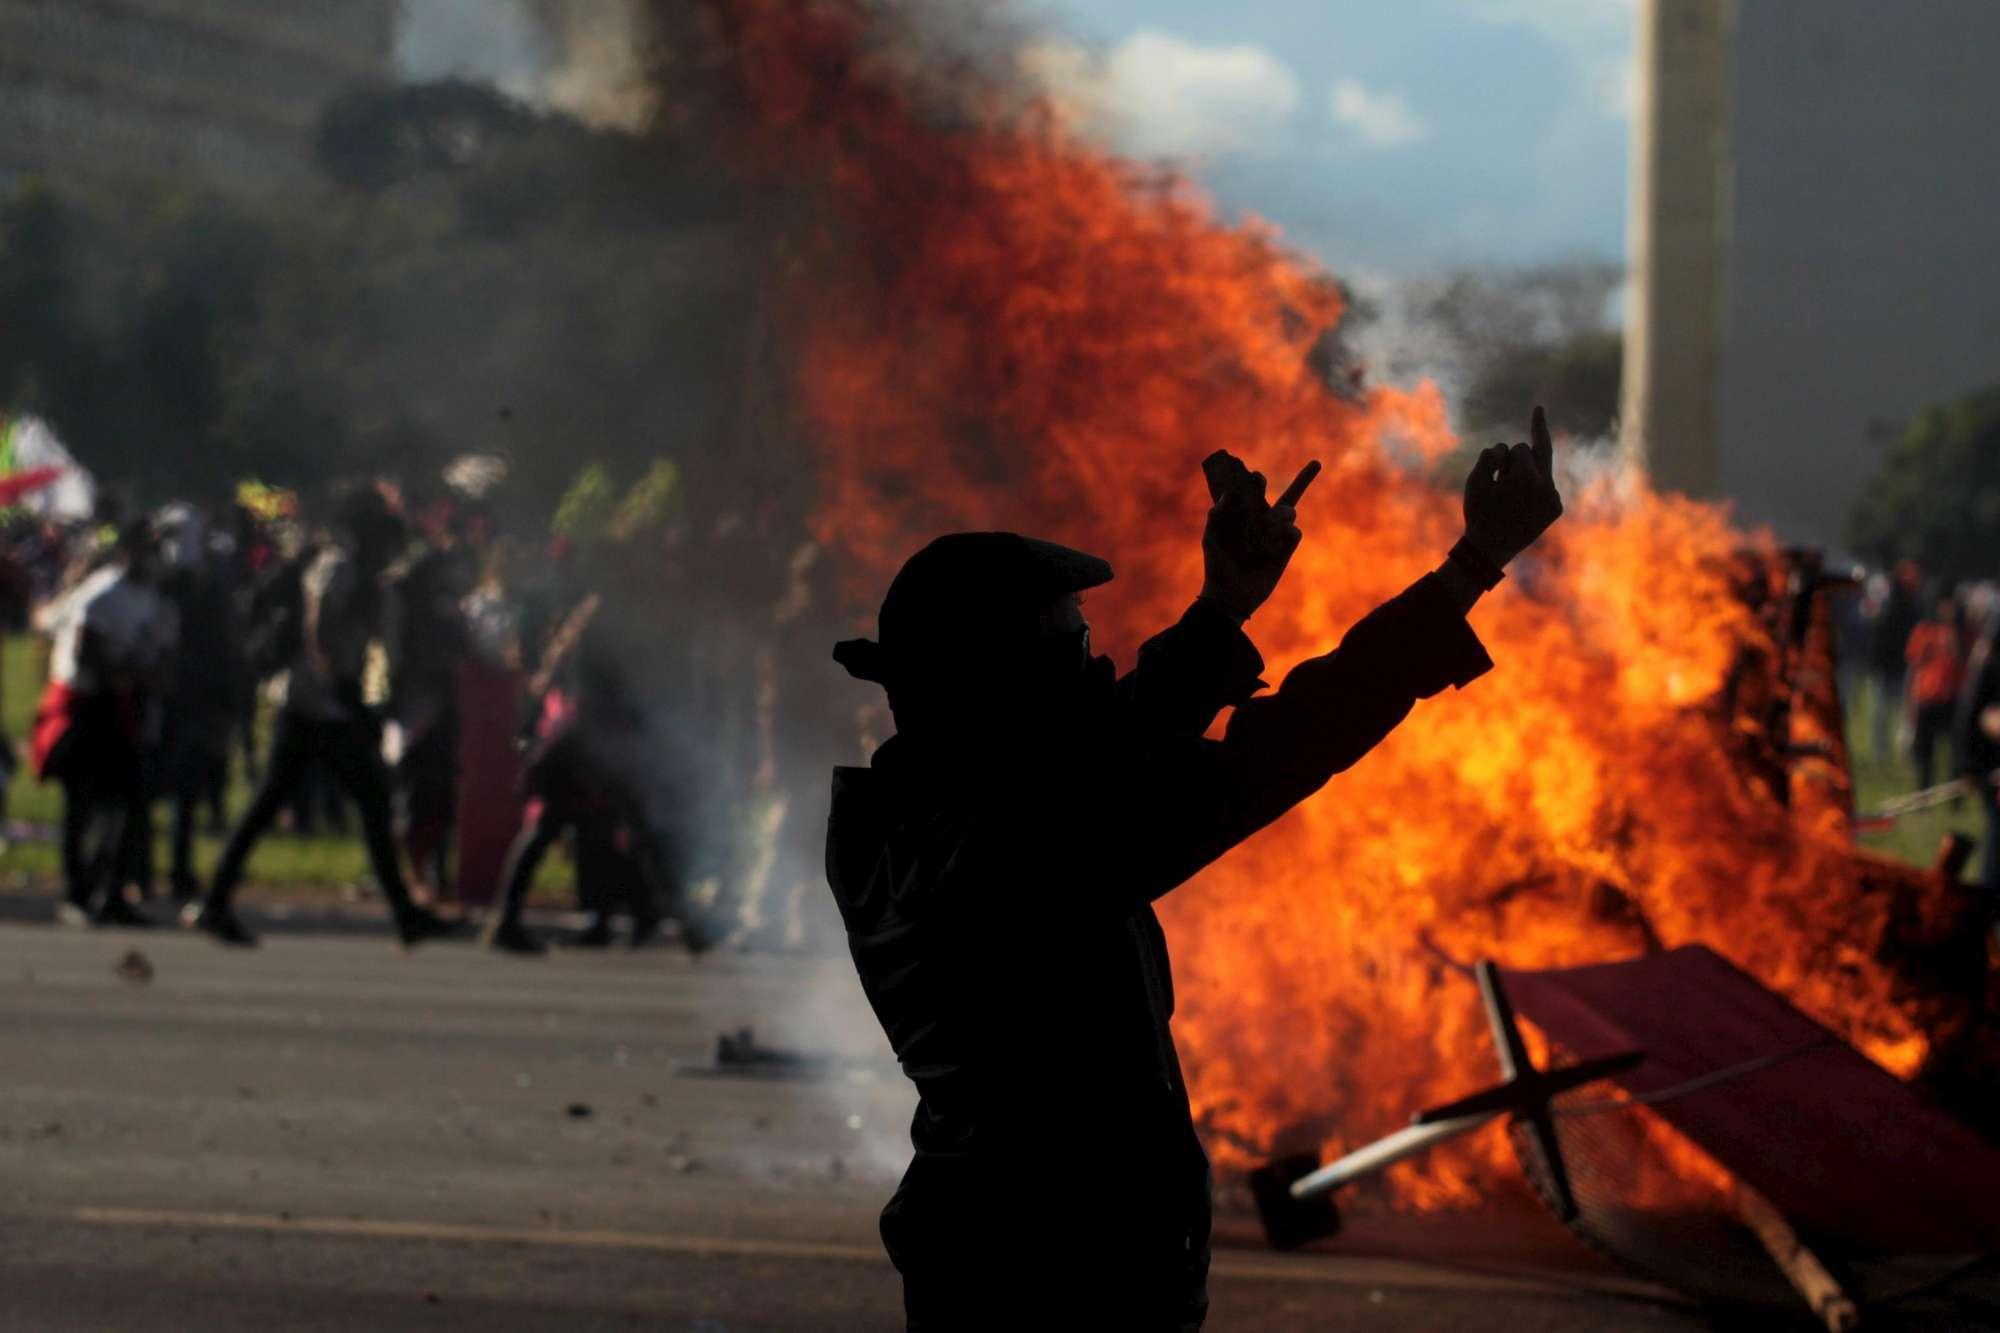 Brasile: proteste e vandalismo a Brasilia, ministeri evacuati